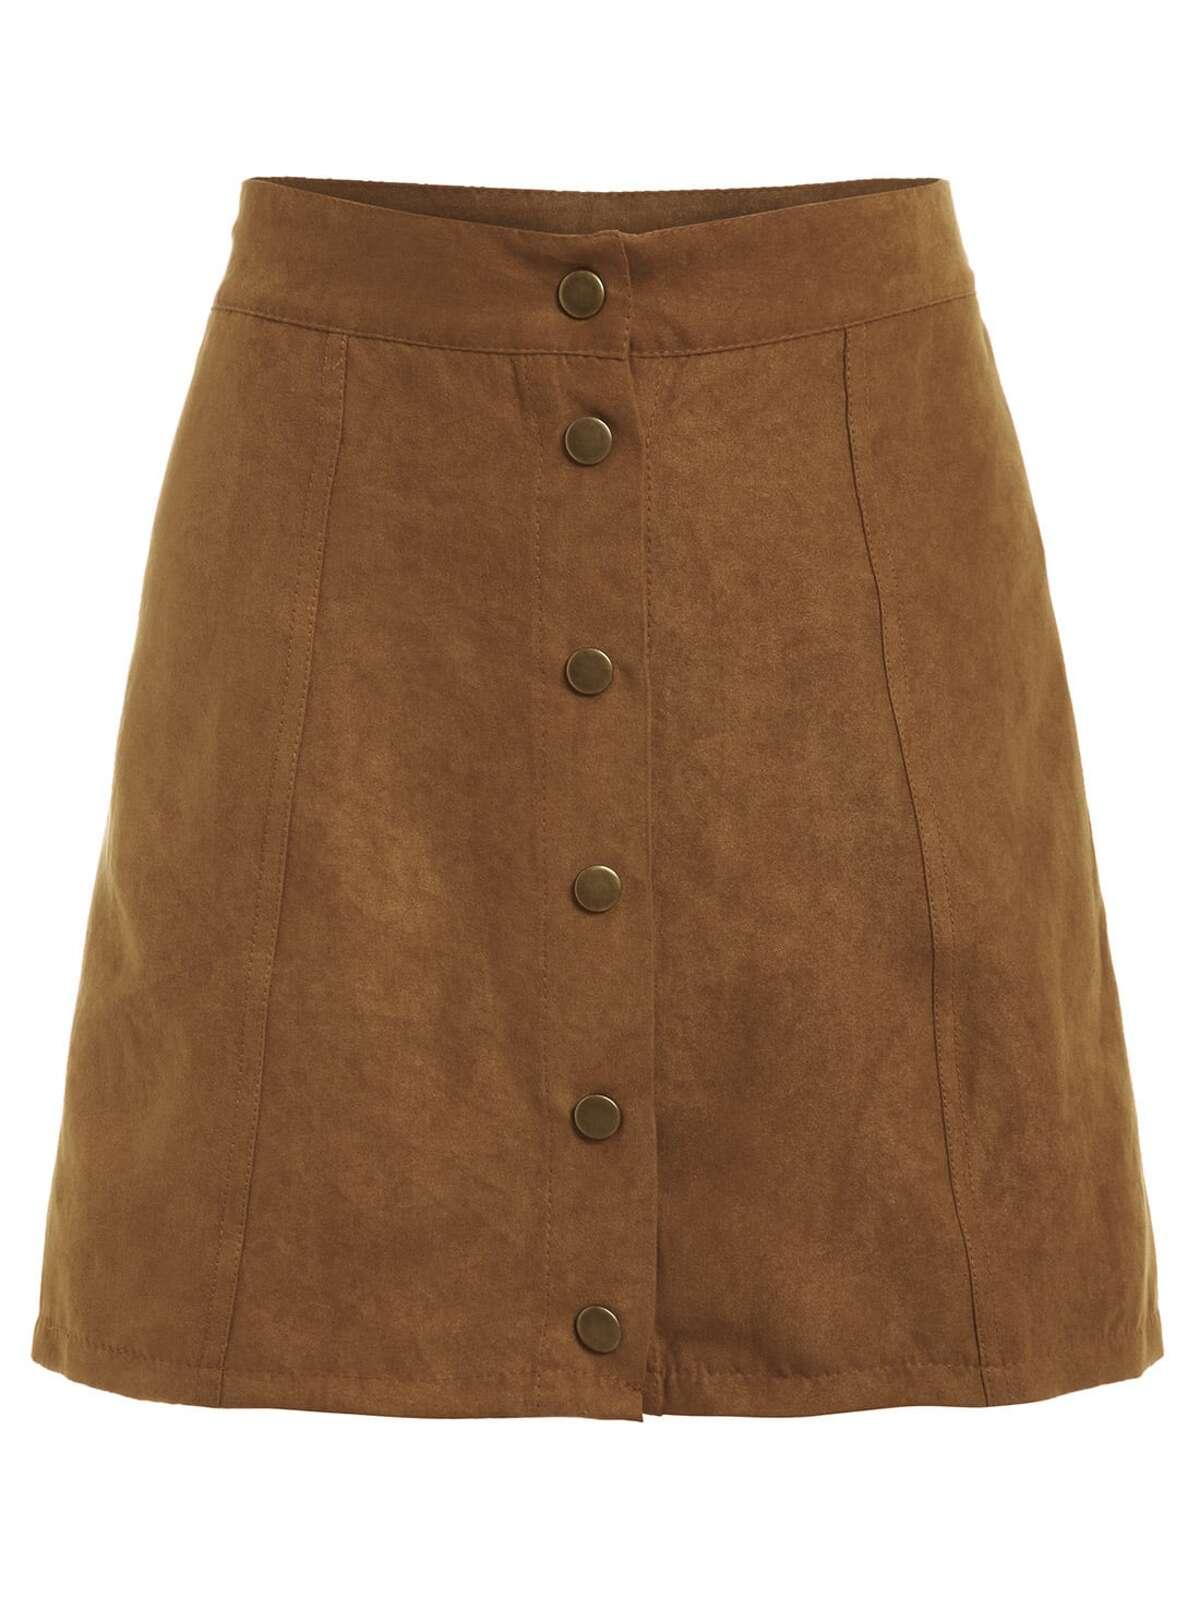 人造的 麂皮效果 紐扣 正面 裙子 黃褐色